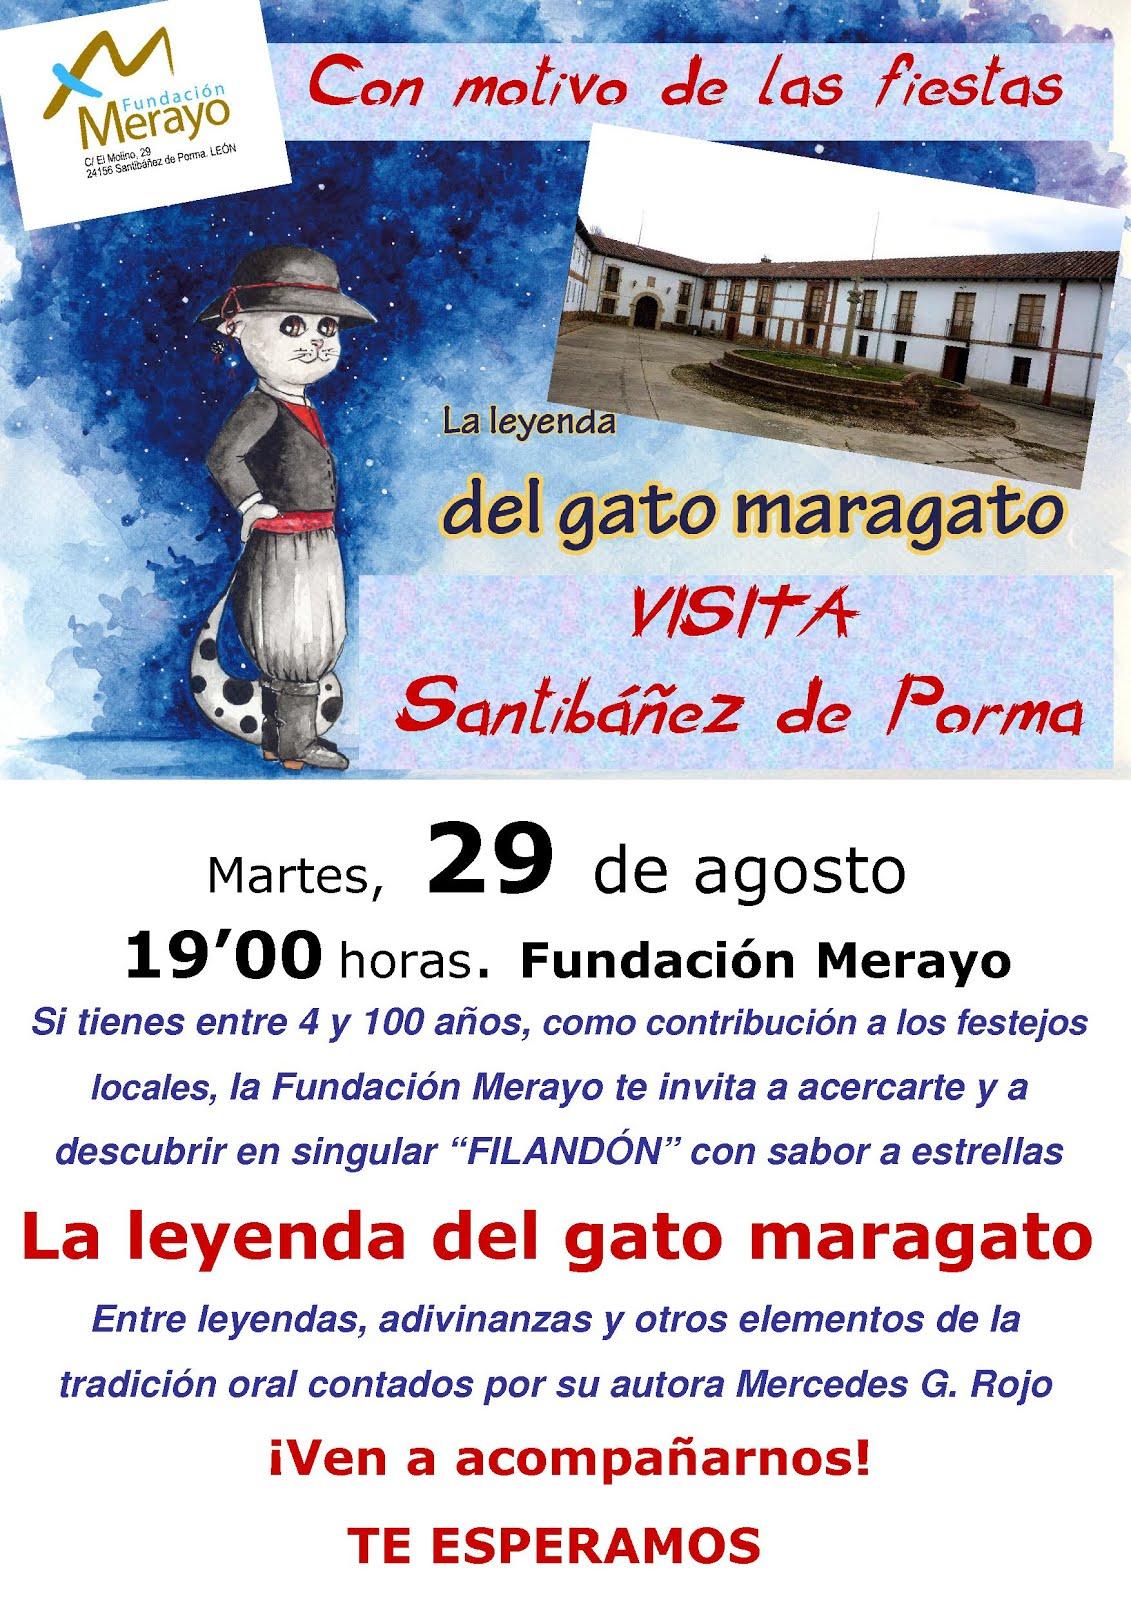 La Fundación Merayo celebra las fiestas de Santibáñez de Porma.